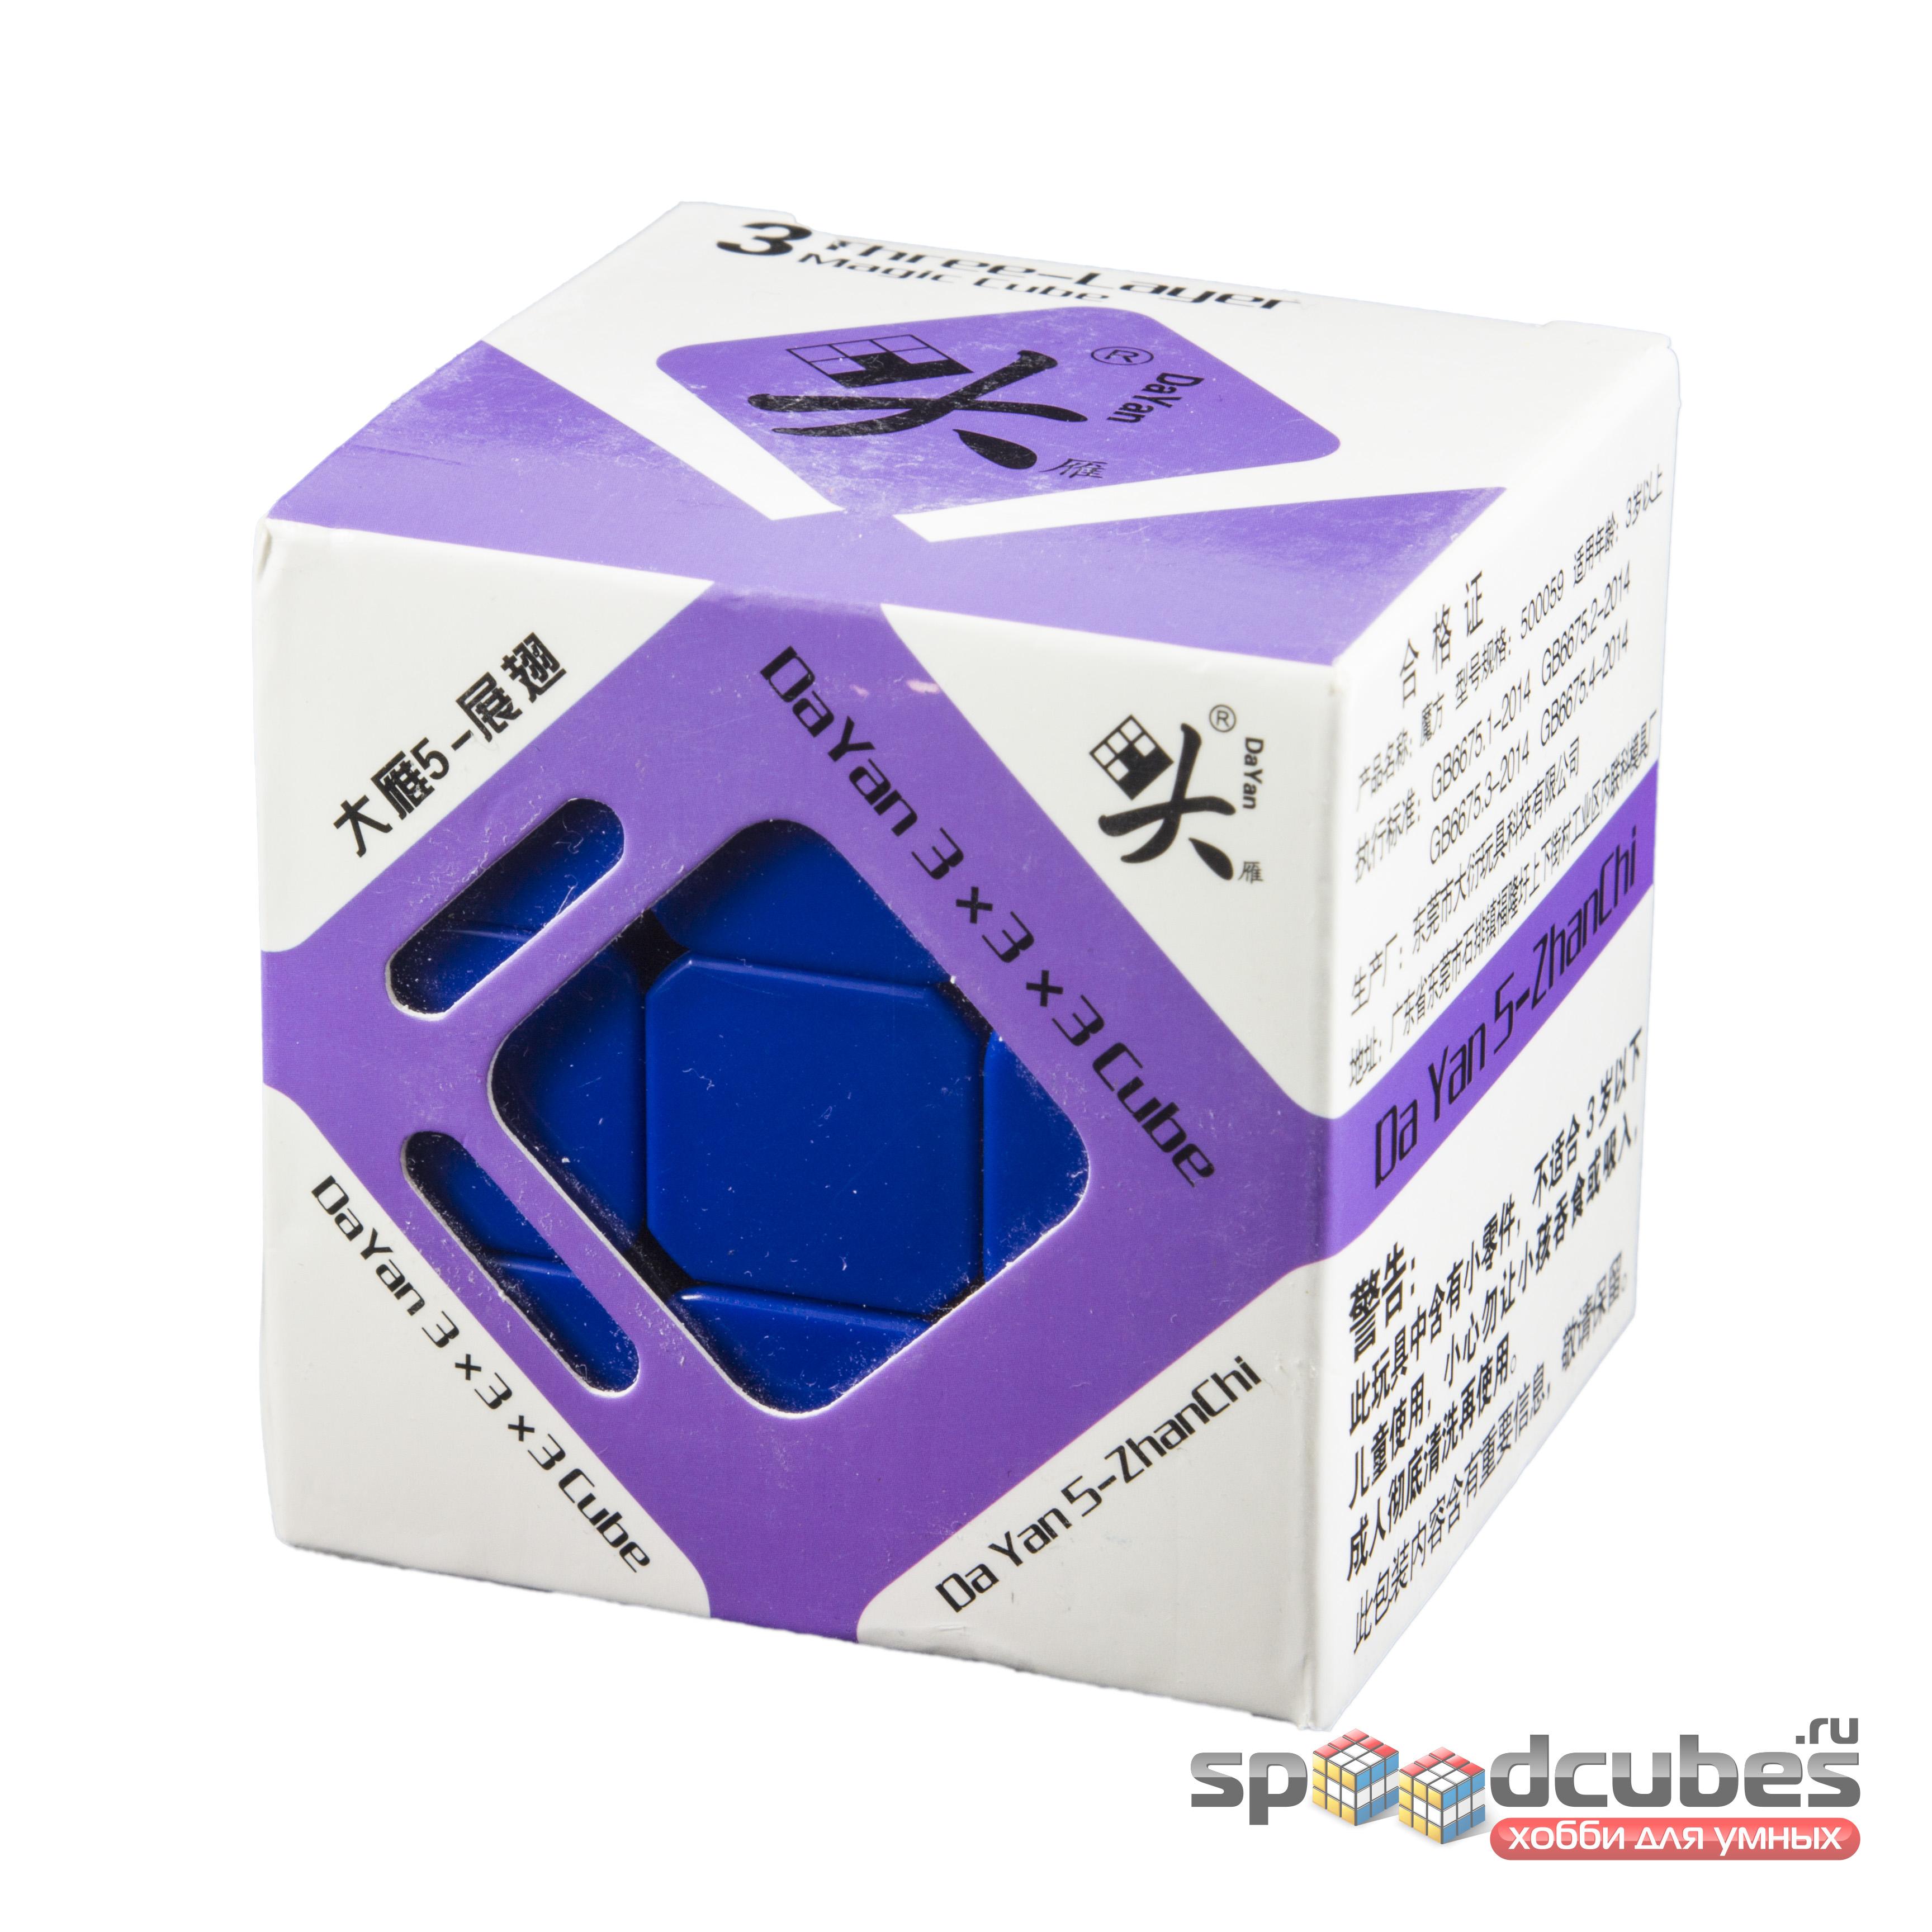 Dayan 5 Zhanchi 3x3x3 Color 1